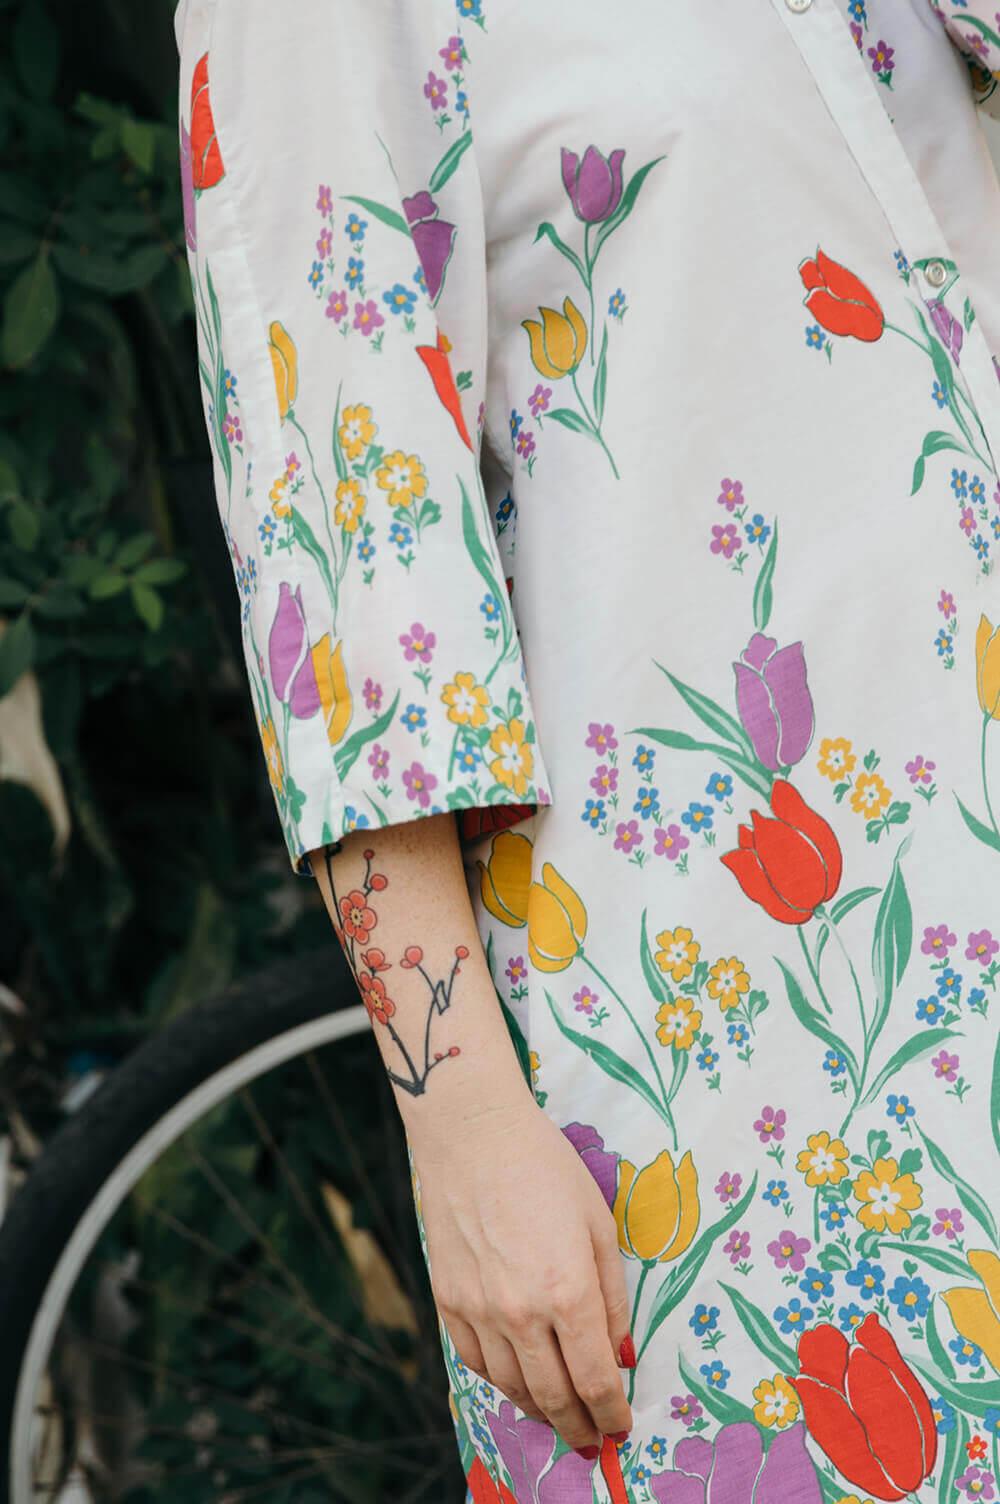 הבגדים למי שאוהבת פרחים